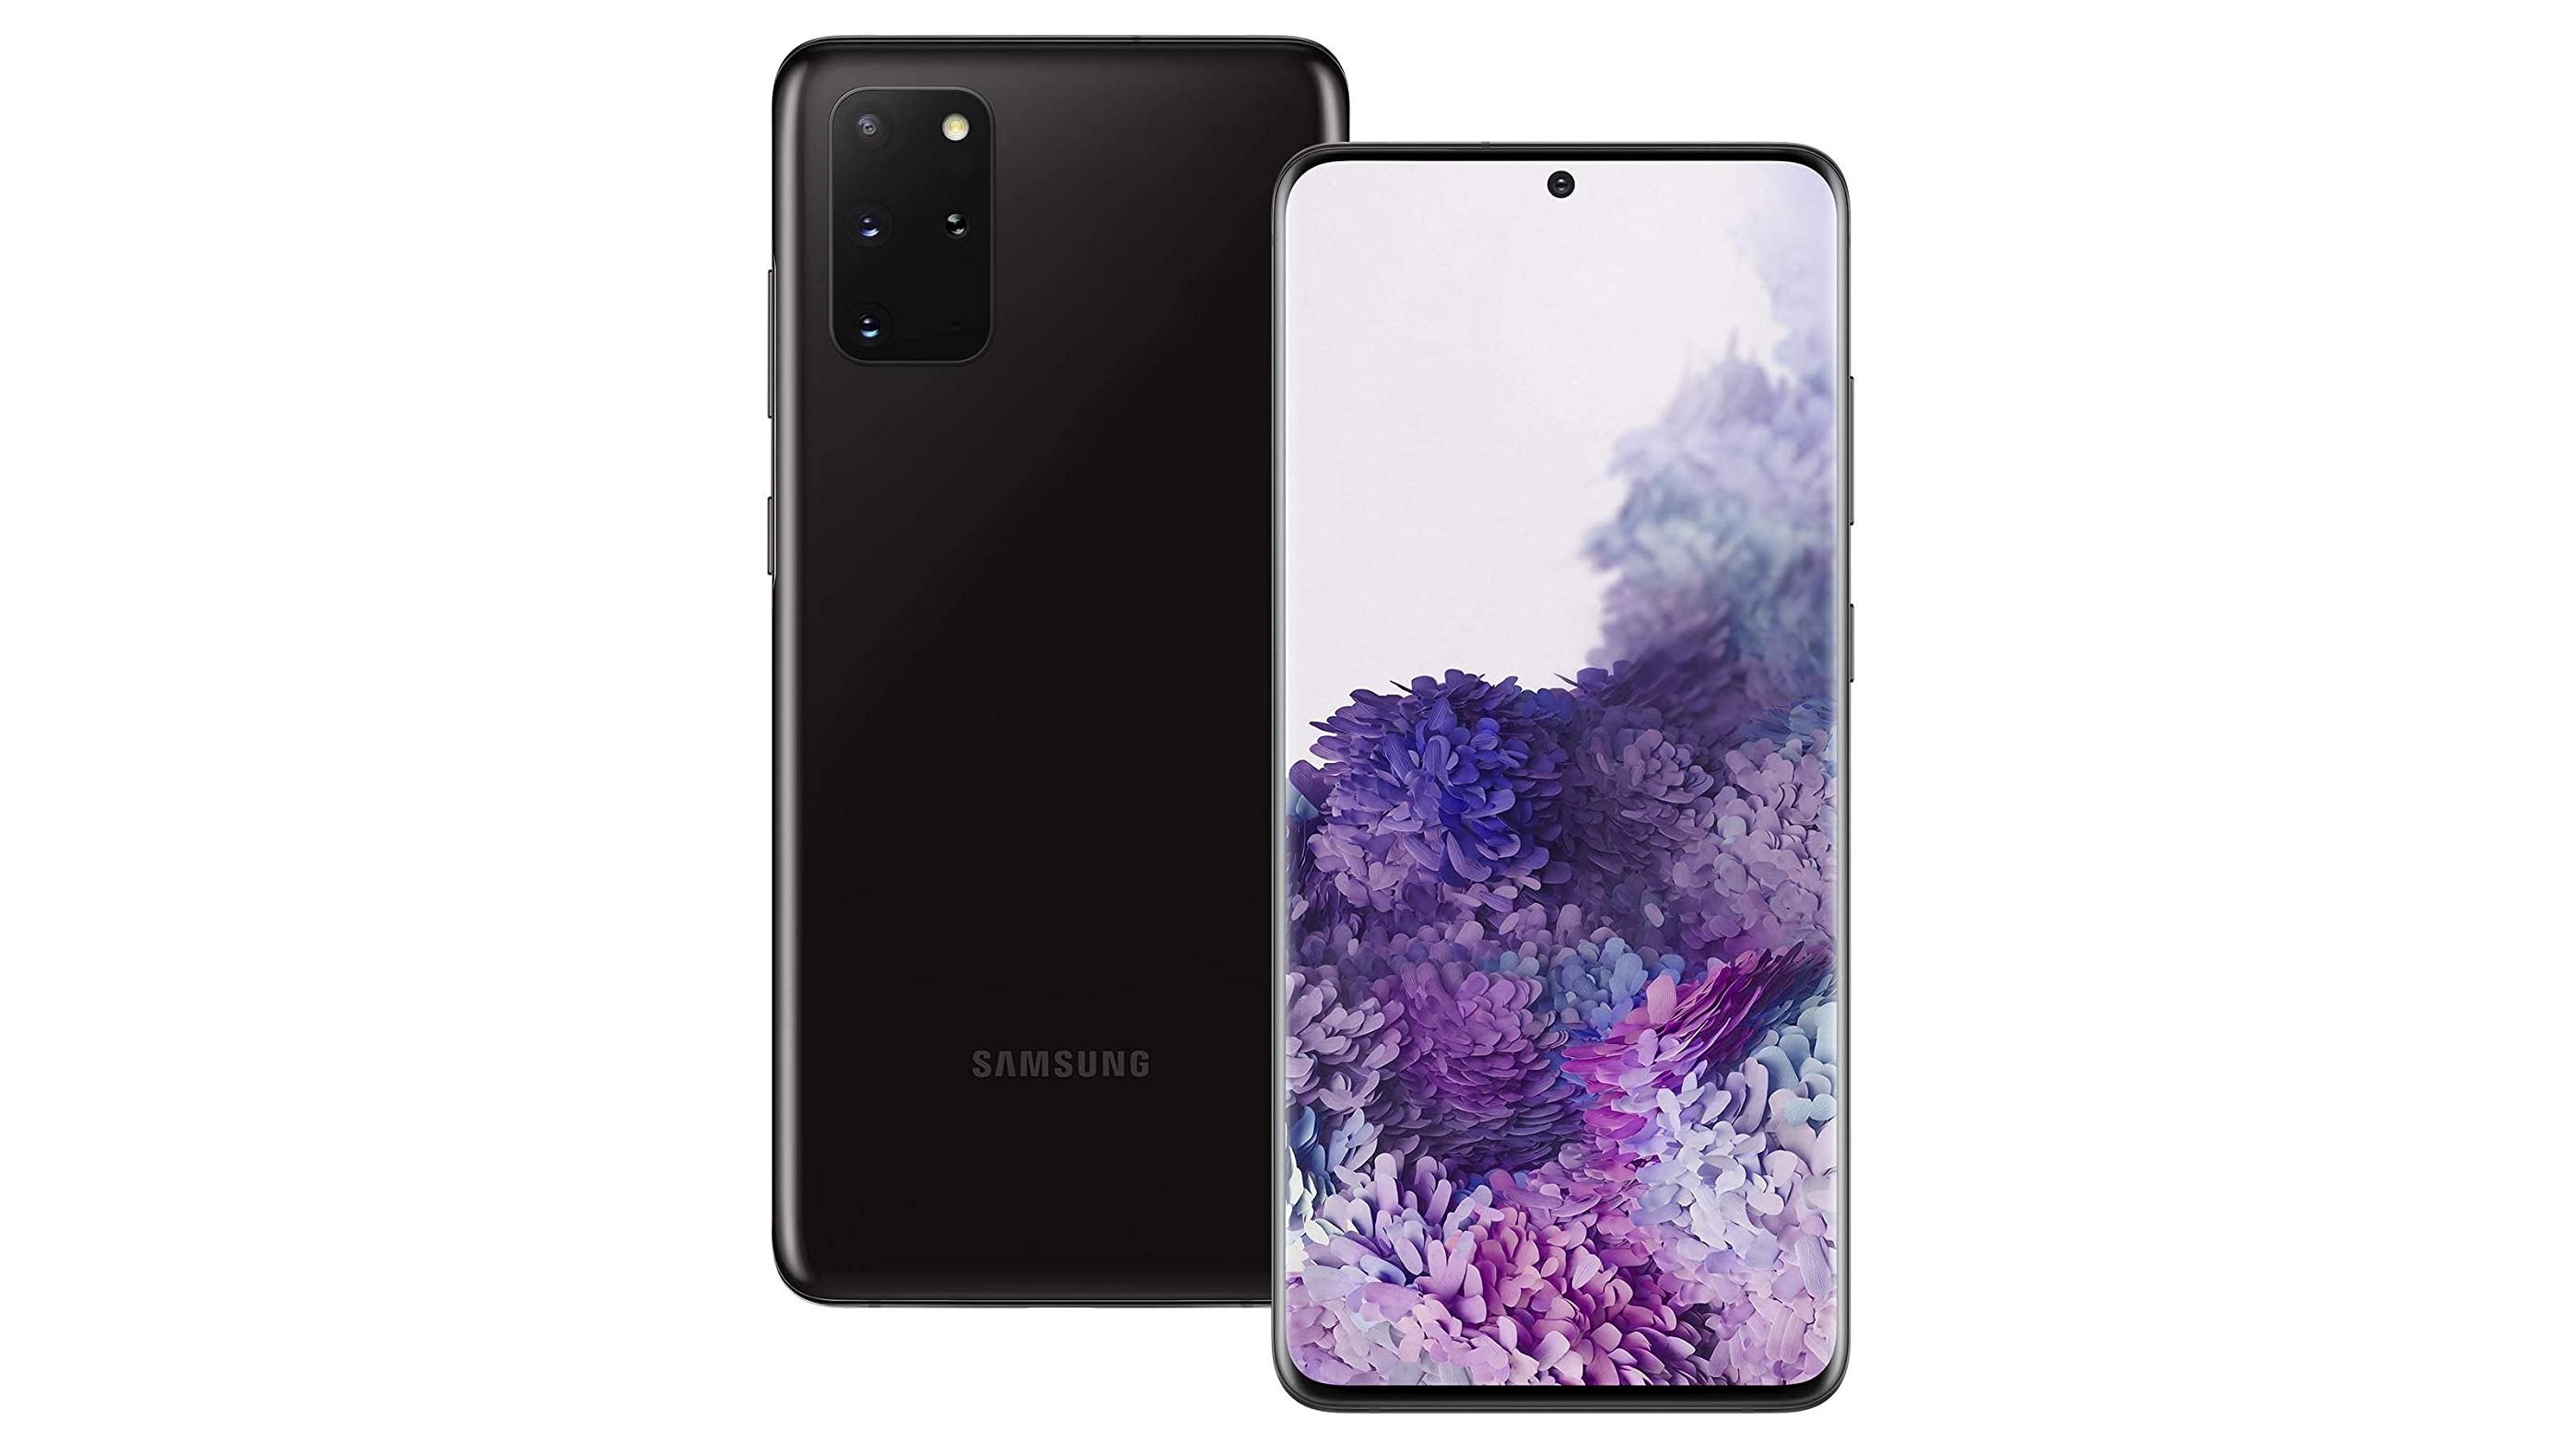 A Samsung Galaxy S20 Plus